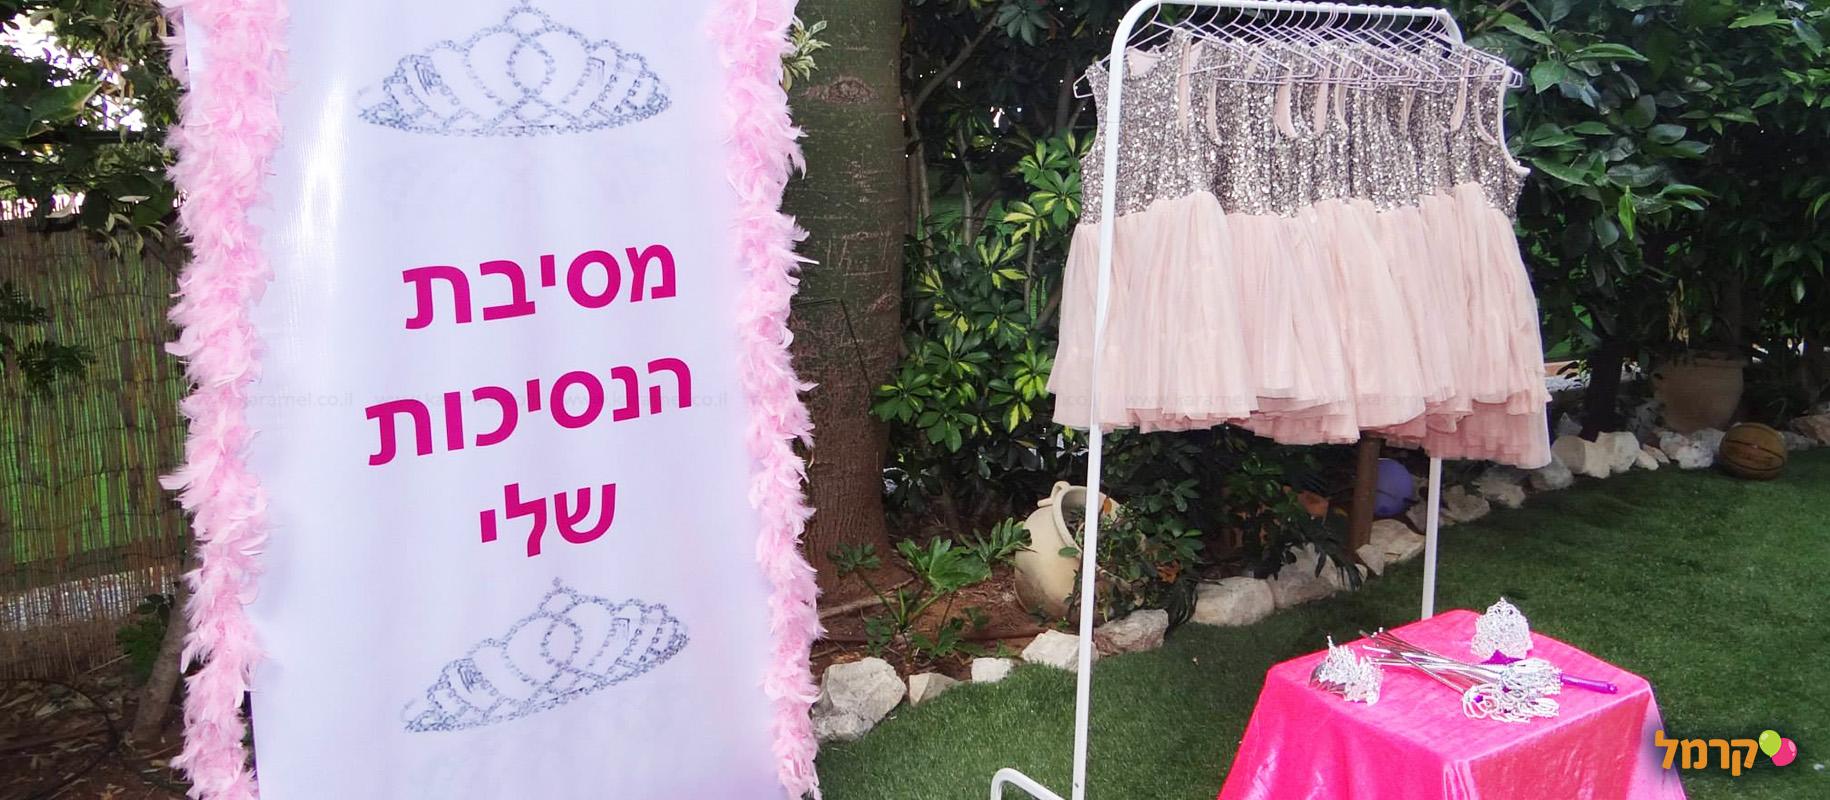 אבקת פיות - מסיבת נסיכות קסומה - 073-7828012